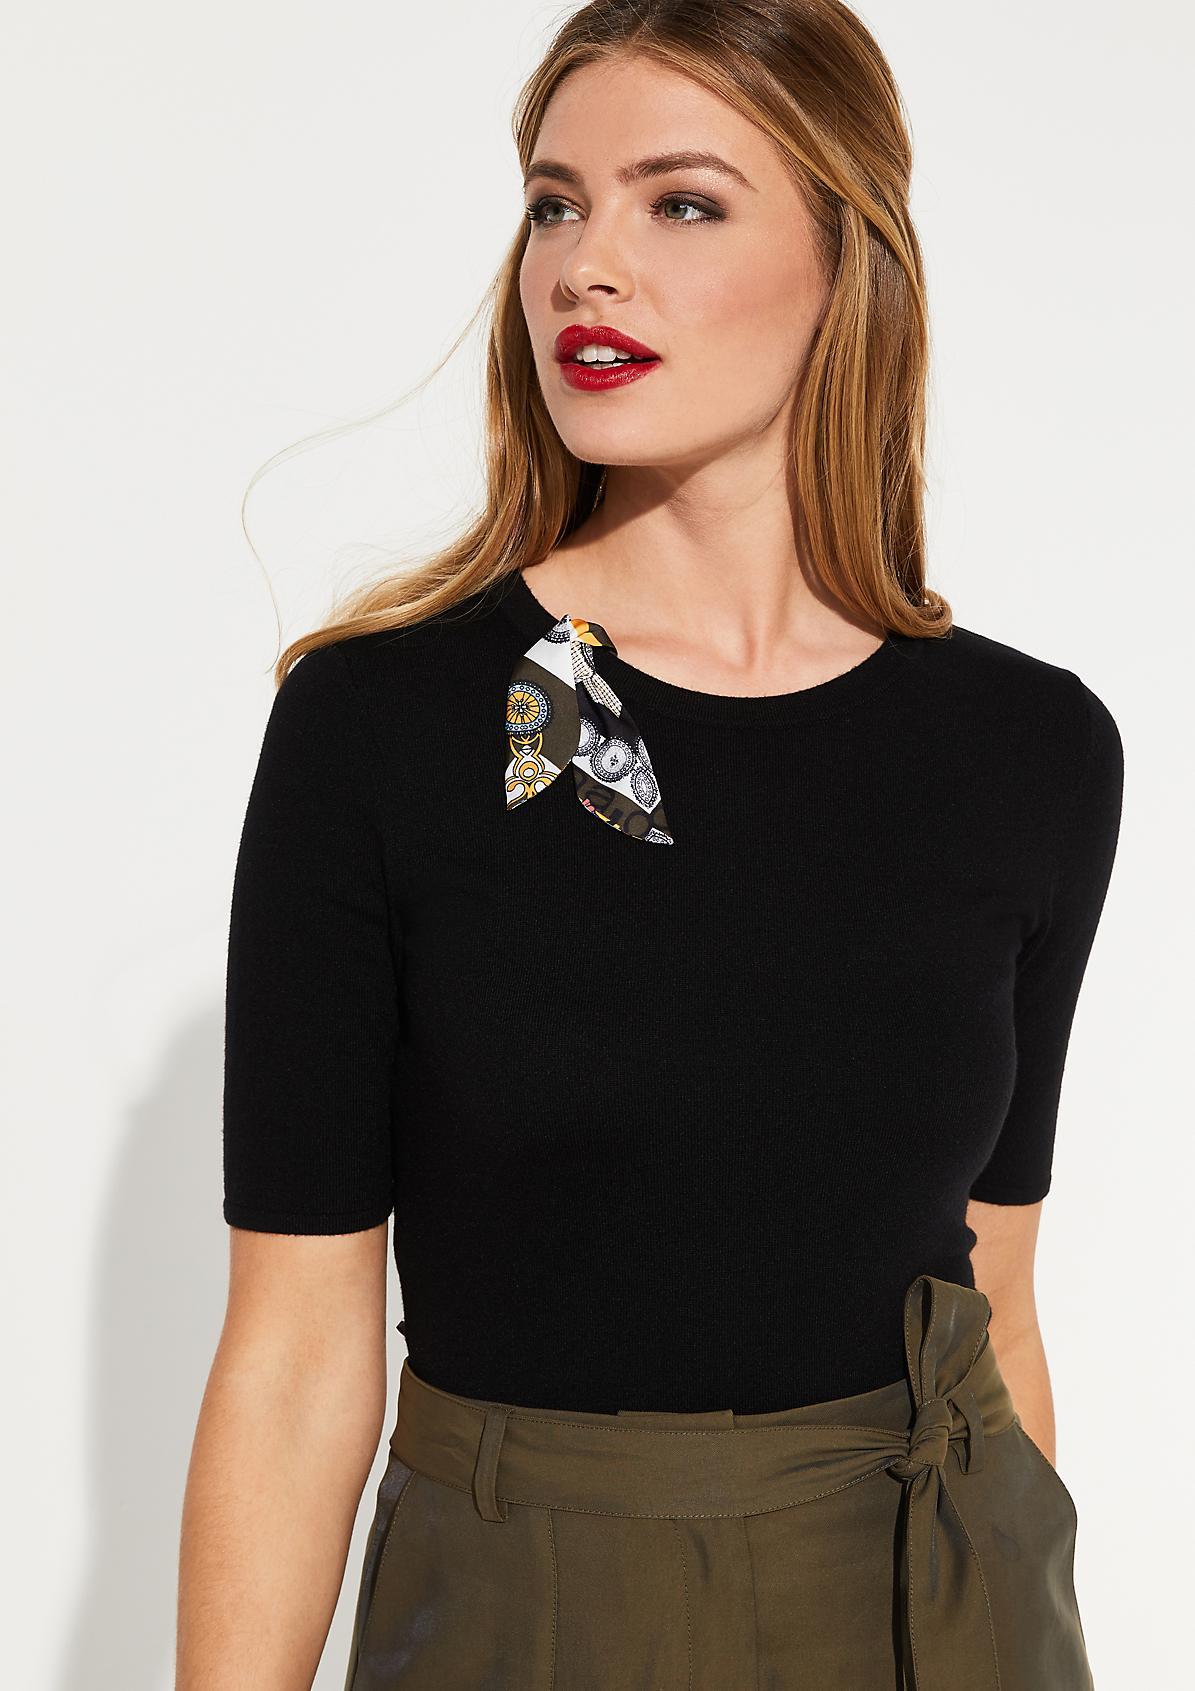 Kurzarm-Strickshirt mit bunter Zierschleife